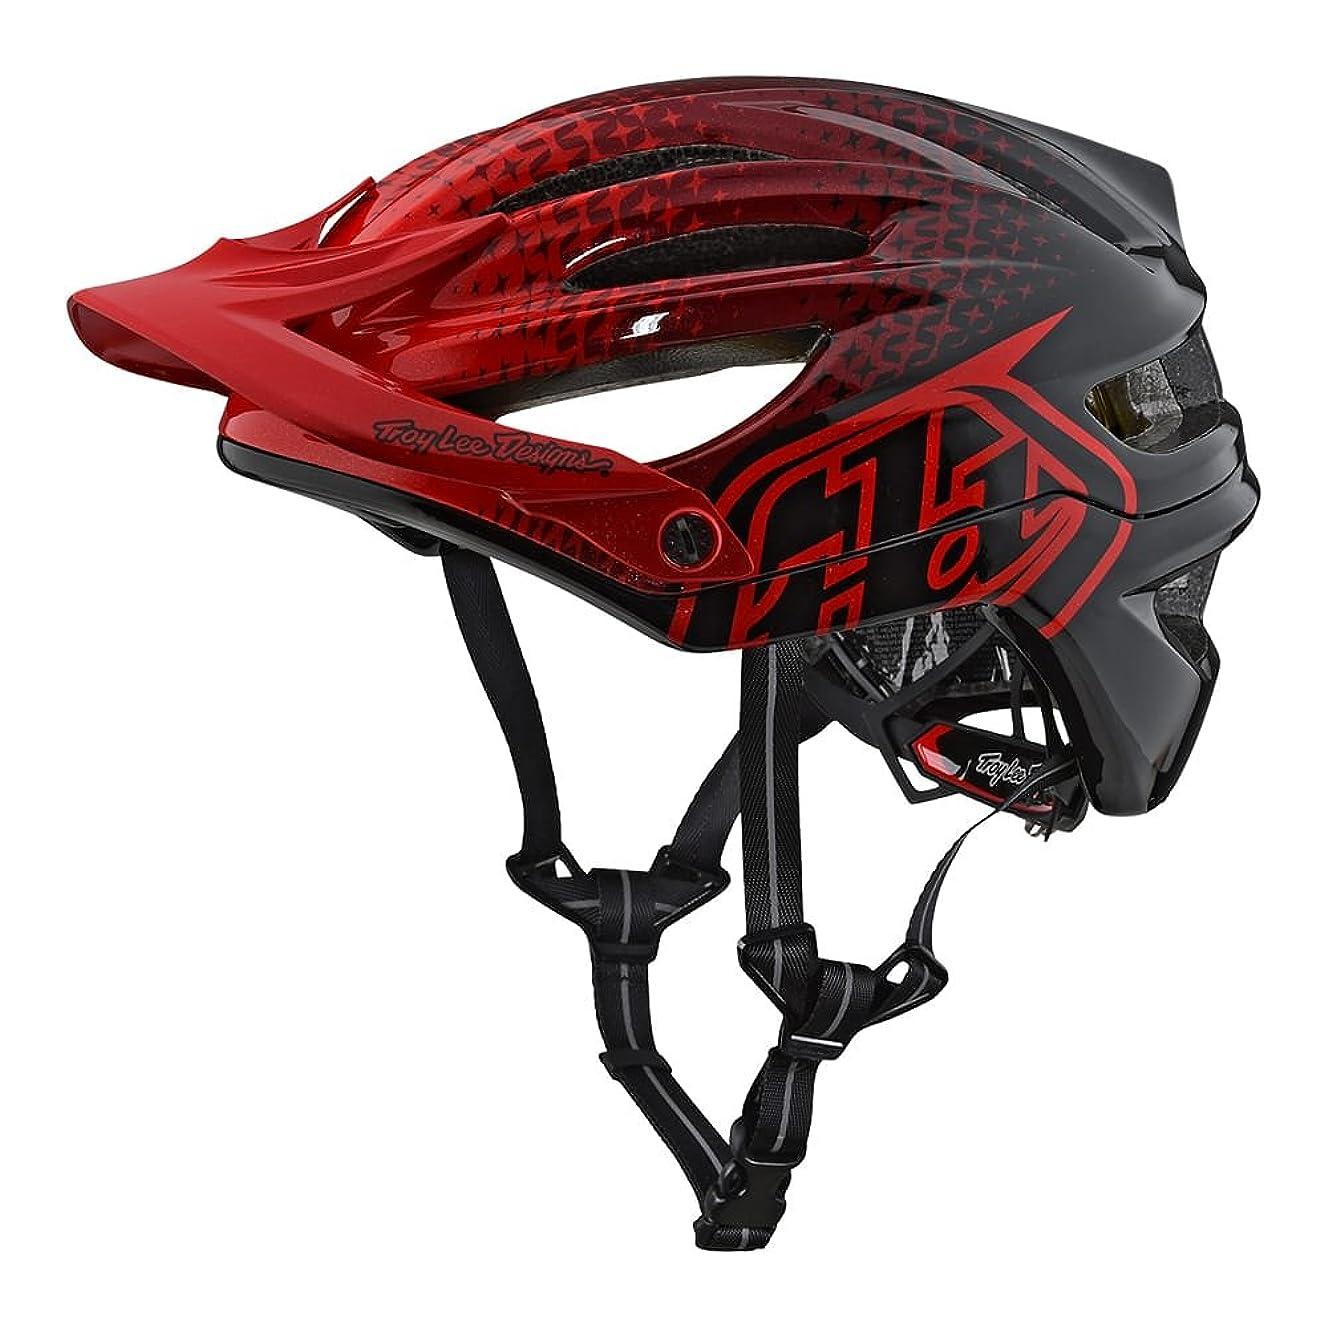 Troy Lee Designs Adult A2 MIPS Decoy Mountain Bike Bicycle Helmet